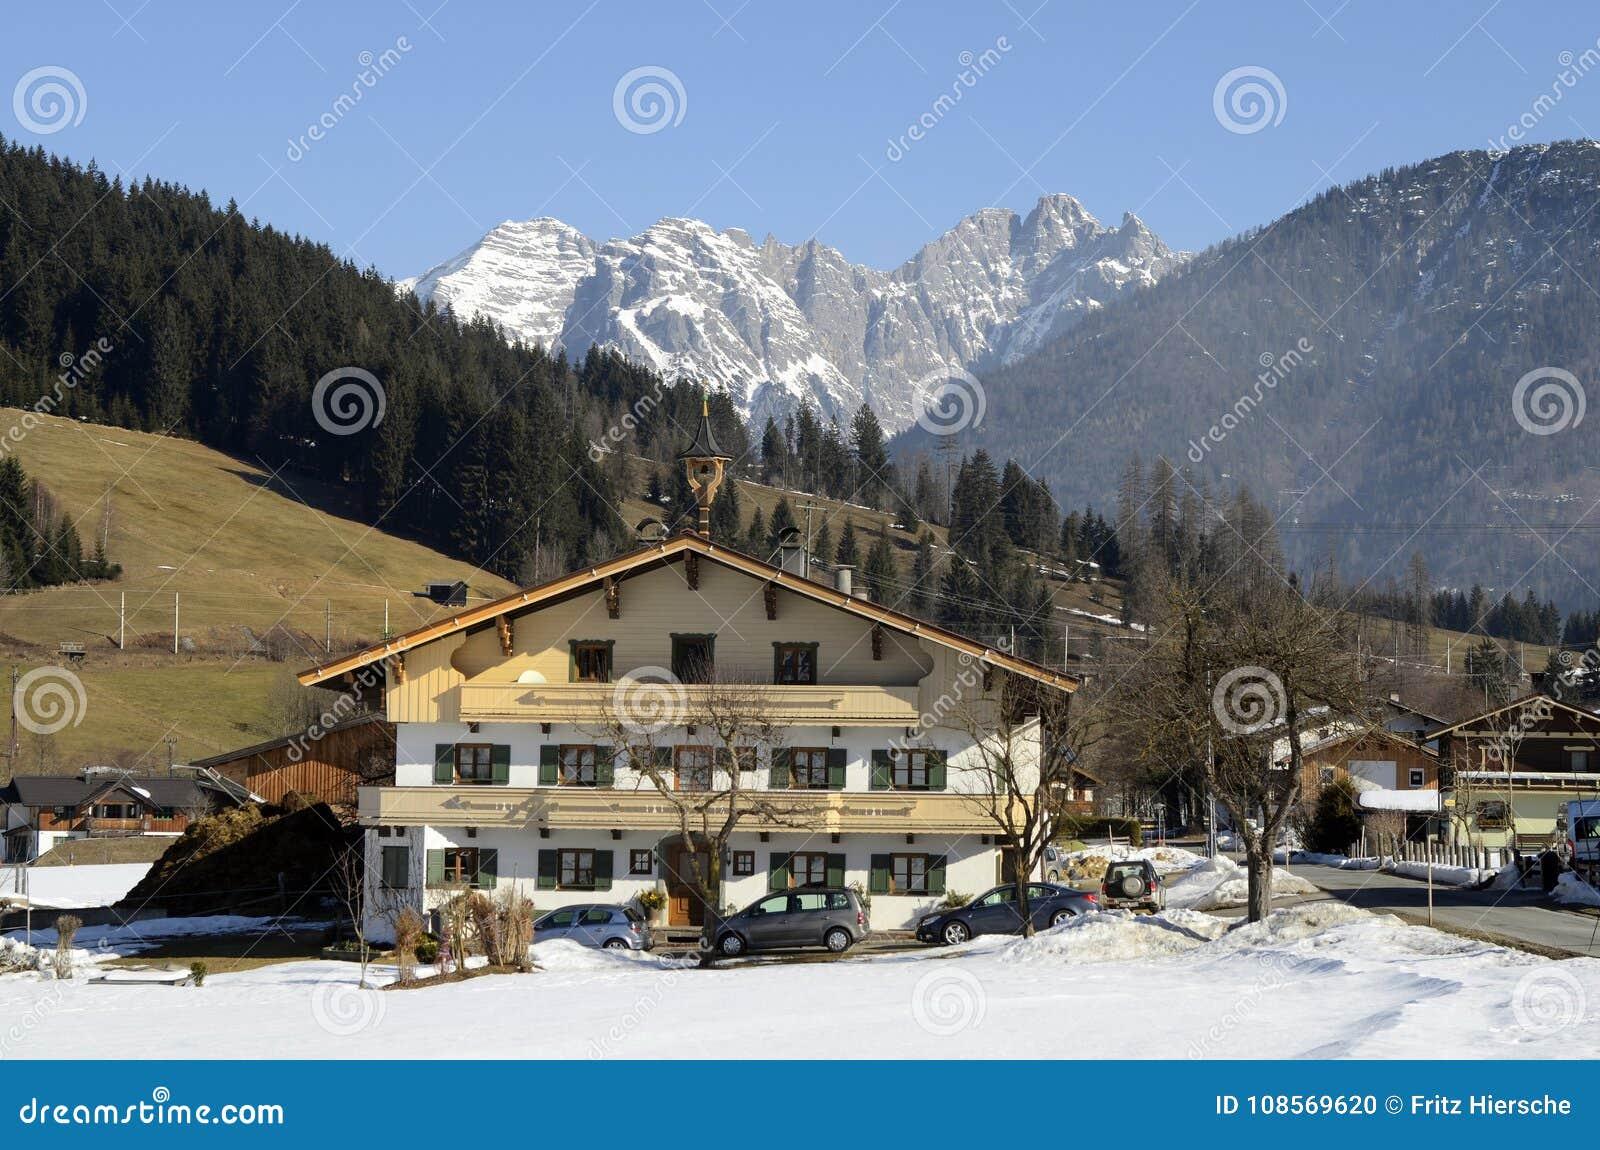 Oostenrijk, Tirol, landbouwbedrijfhuis in bergdorp